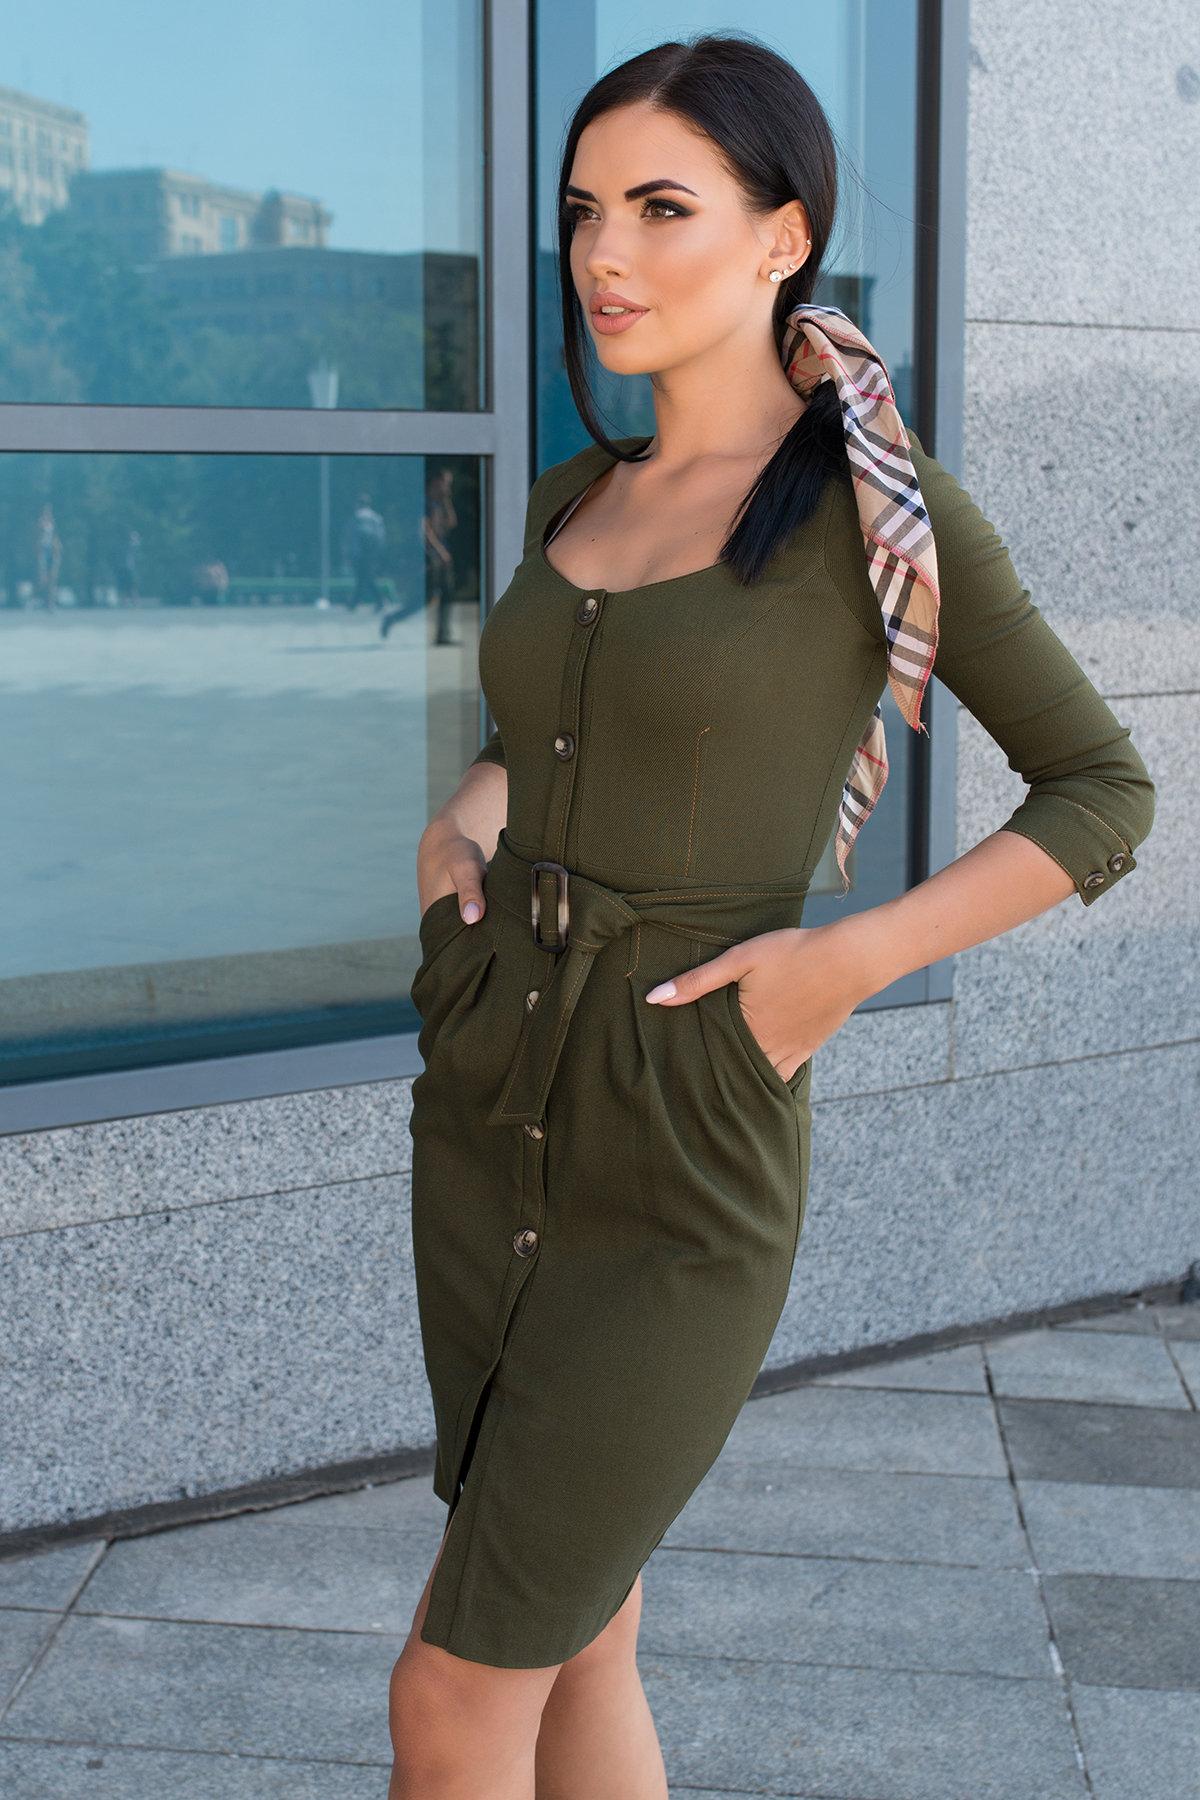 Платье-футляр Марсель 7656 АРТ. 43747 Цвет: Хаки - фото 6, интернет магазин tm-modus.ru